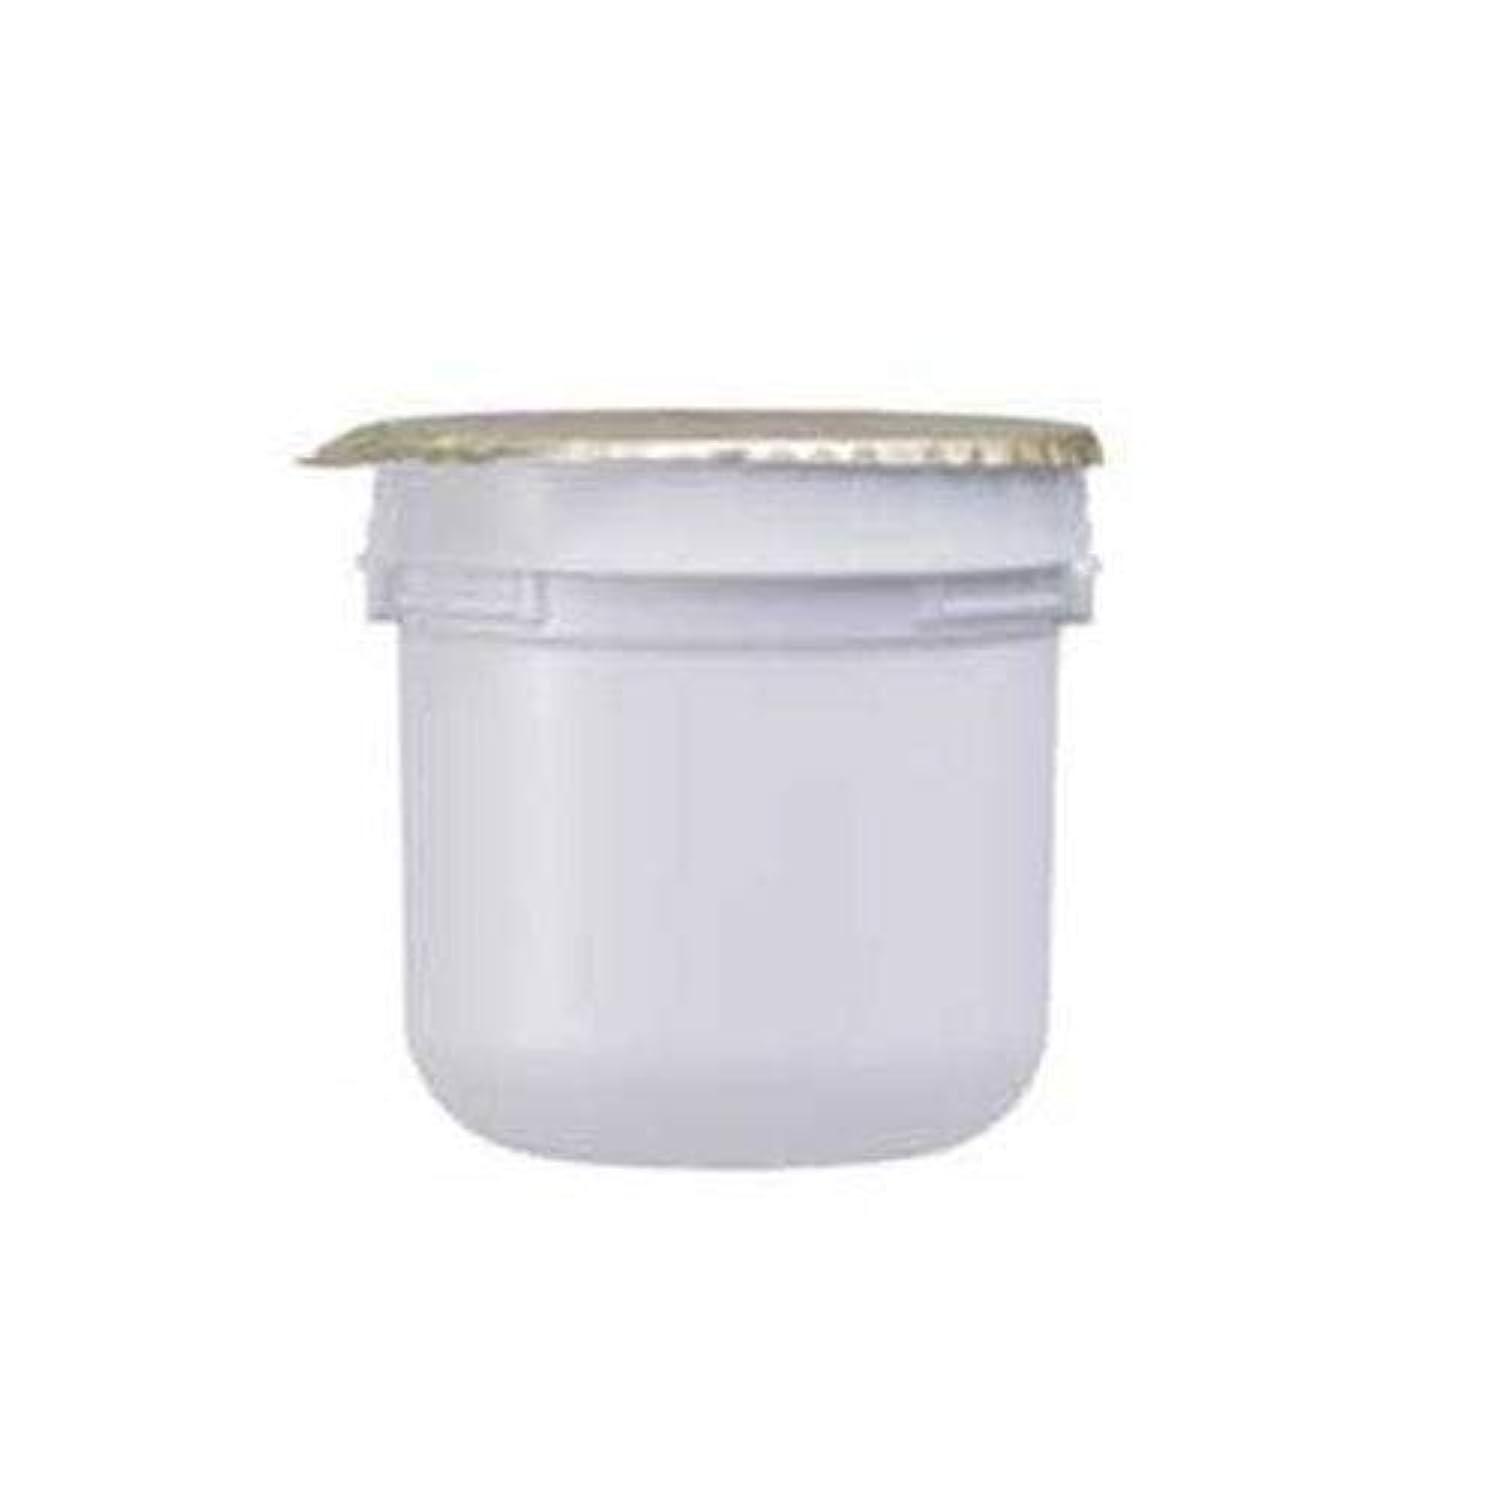 冷ややかなミケランジェロ印象的なアスタリフト ホワイト クリーム 30g レフィル